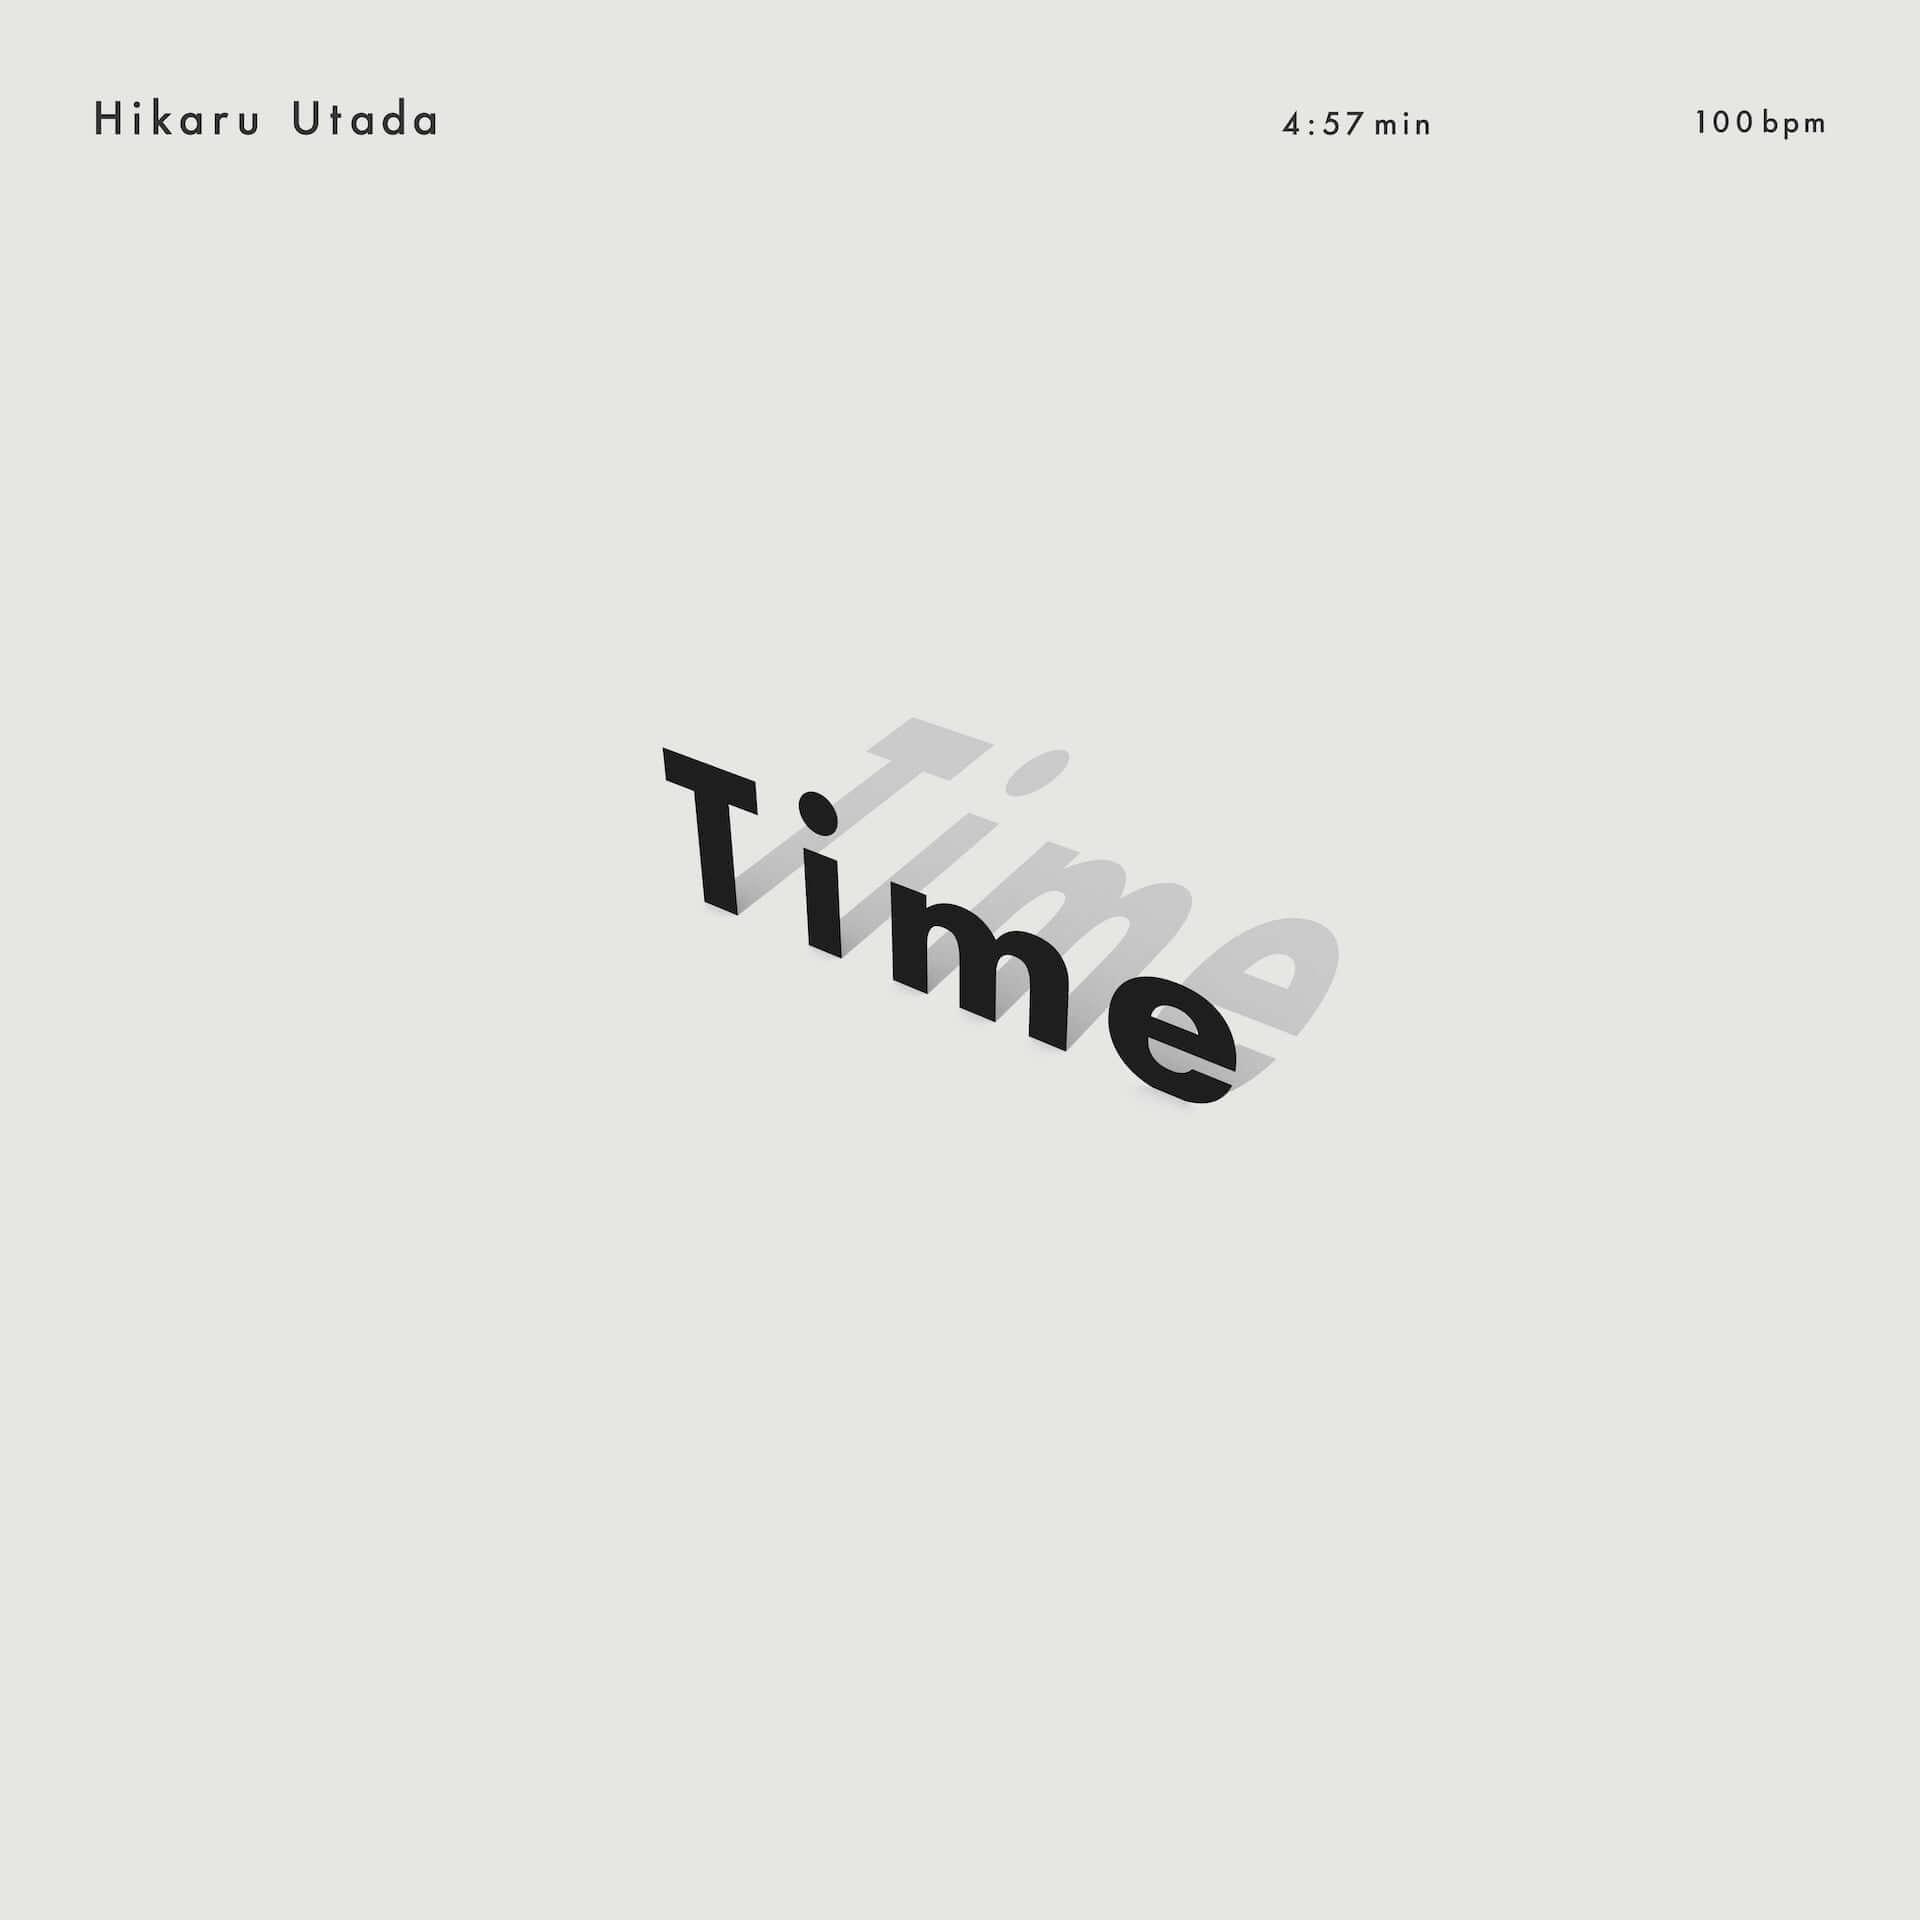 """宇多田ヒカルの自宅で撮影された""""Time""""のMVがYouTubeにてプレミア公開!監督のコメントも到着 music200729_utadahikaru_2-1920x1920"""